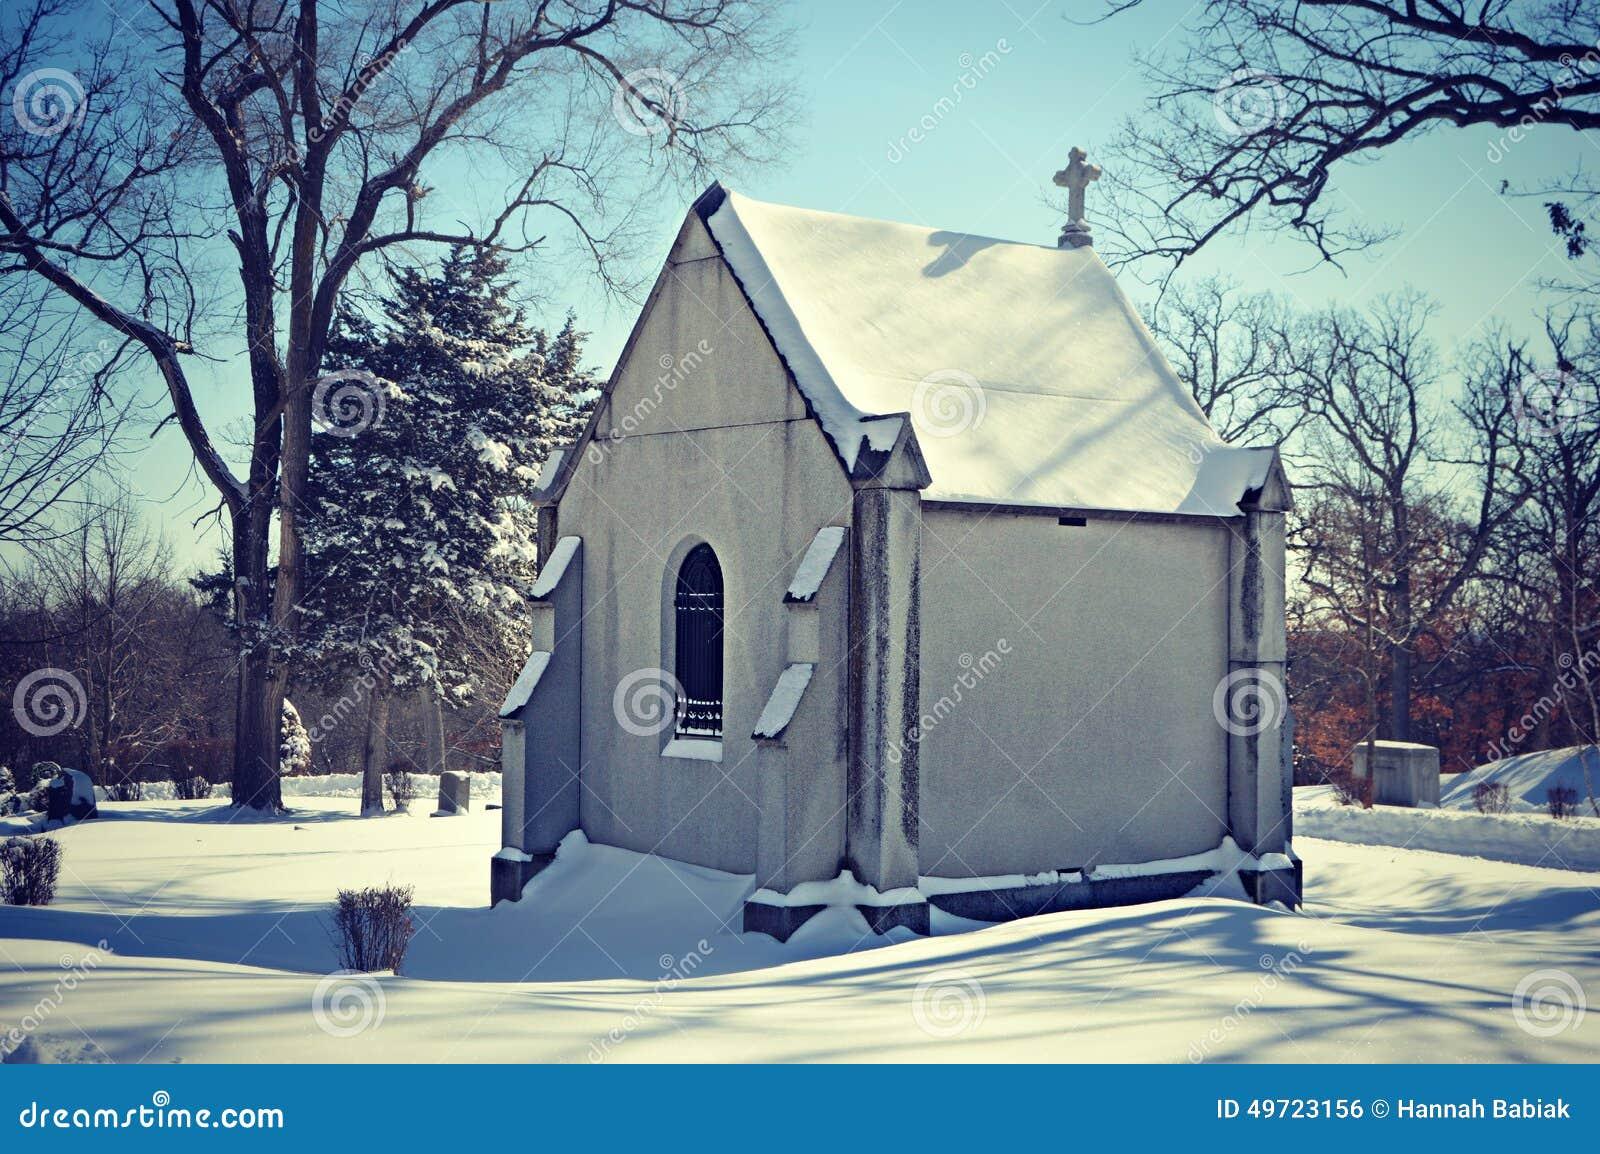 Chapel in Snowy Cemetary